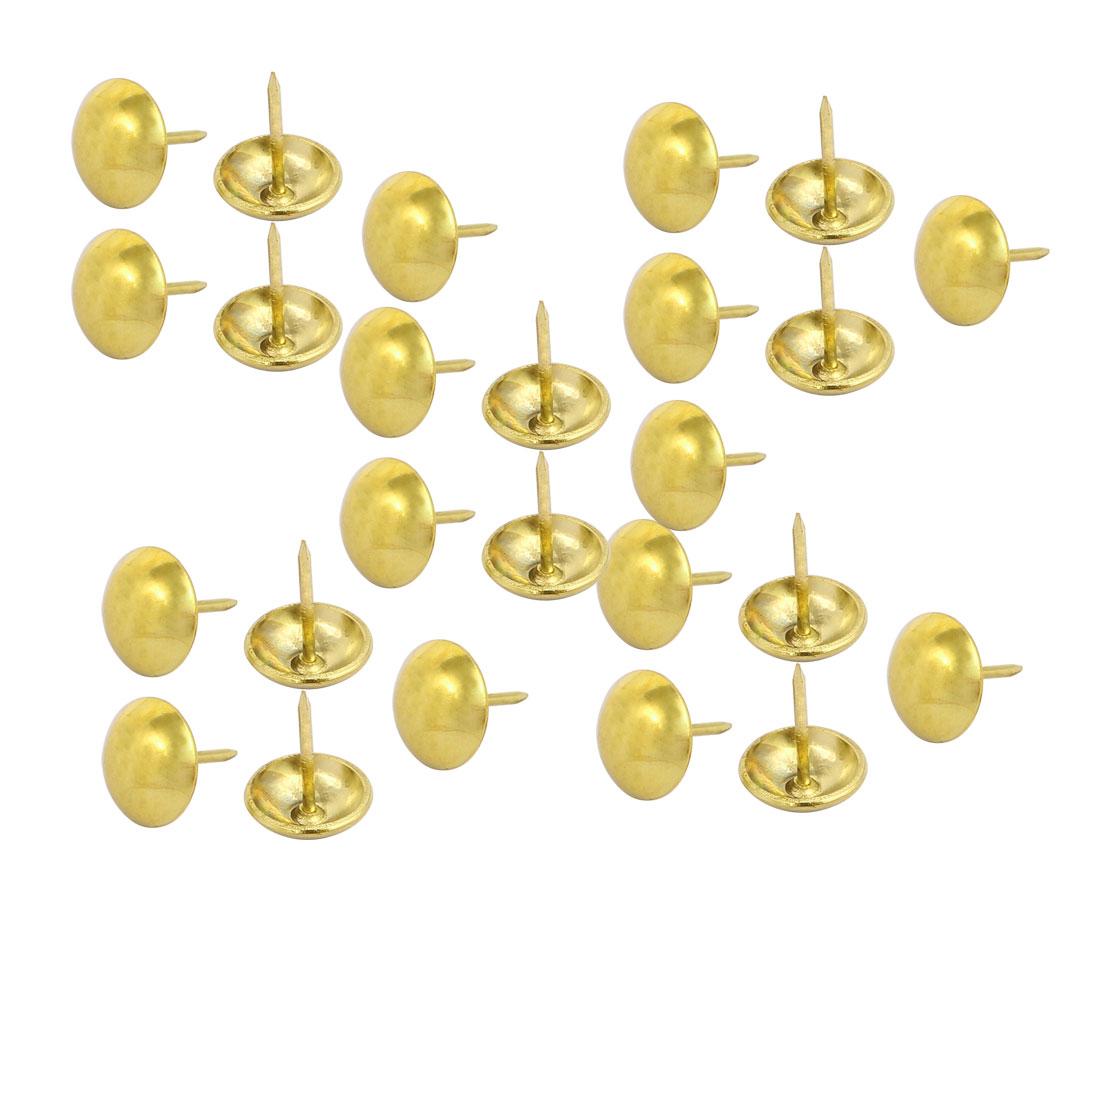 14mm Dia Round Head Upholstery Nail Tack Push Pin Thumbtack Gold Tone 25PCS